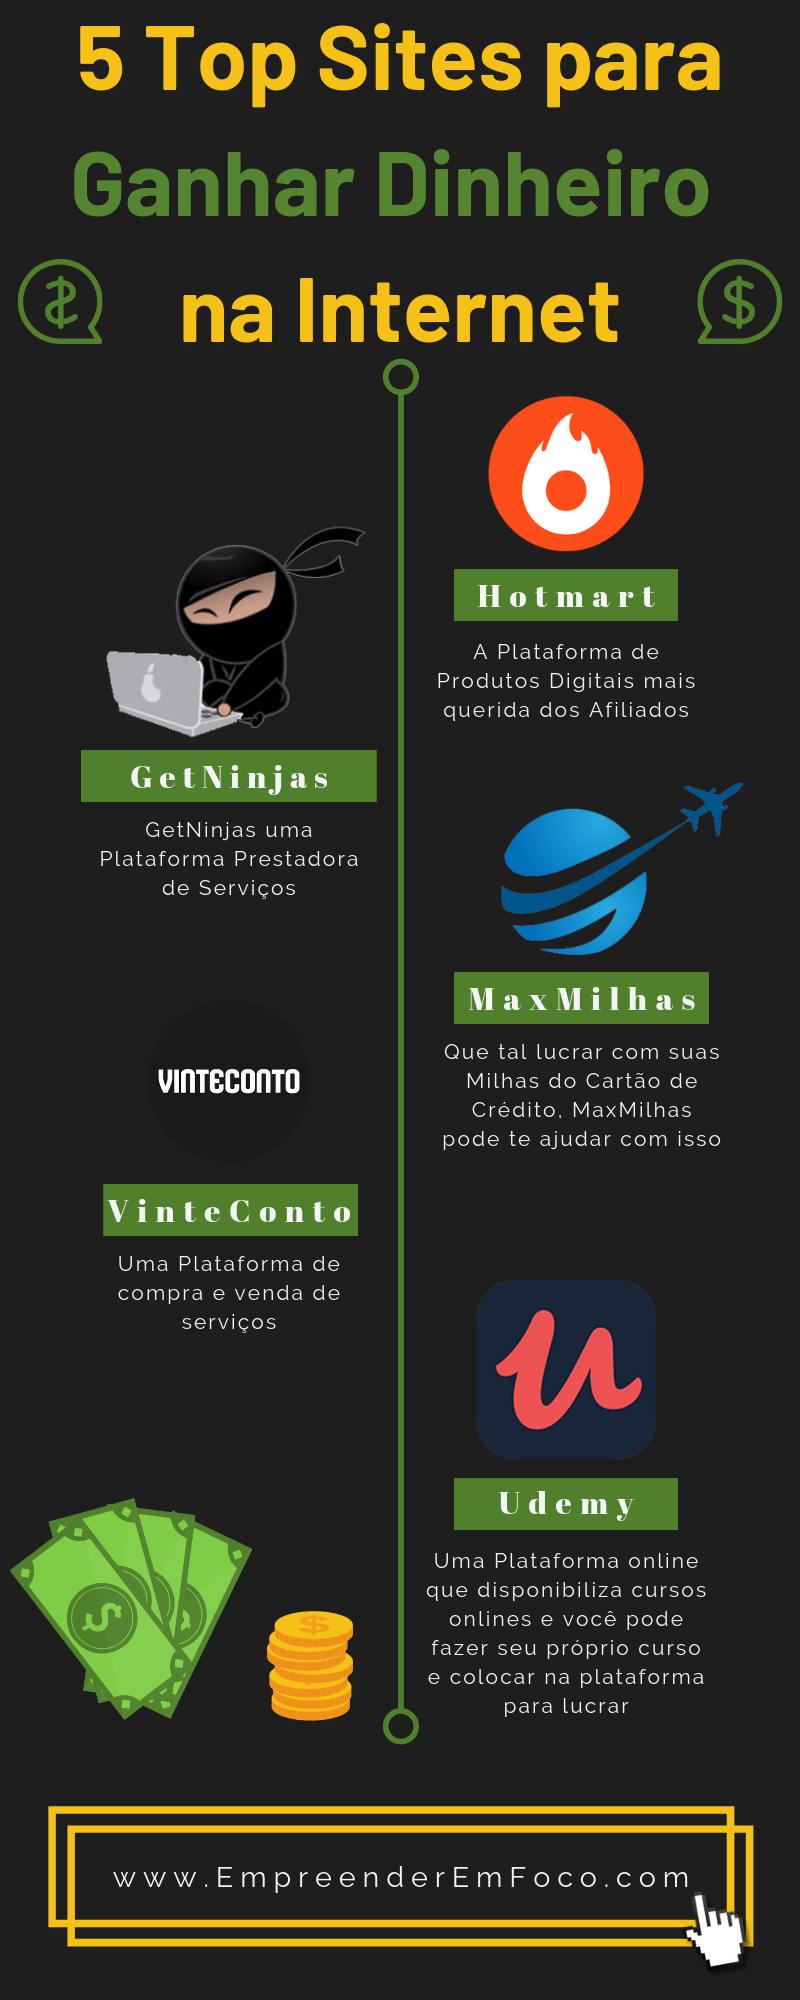 5 Top Sites para Ganhar Dinheiro na Internet | #rendaextra #dinheironainternet